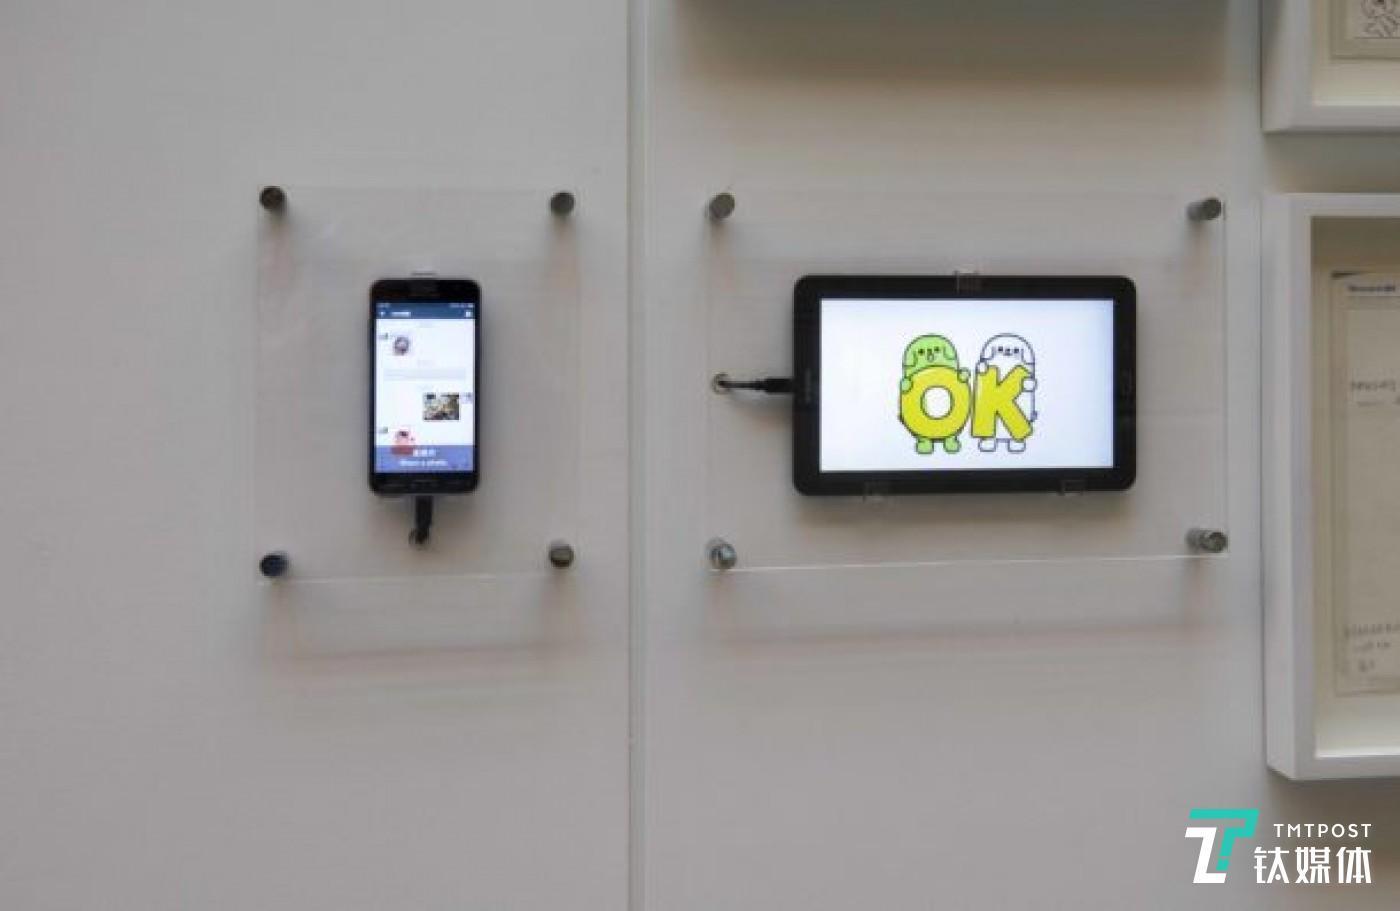 微信app被放置在V&A博物馆展示。图片来源/V&A